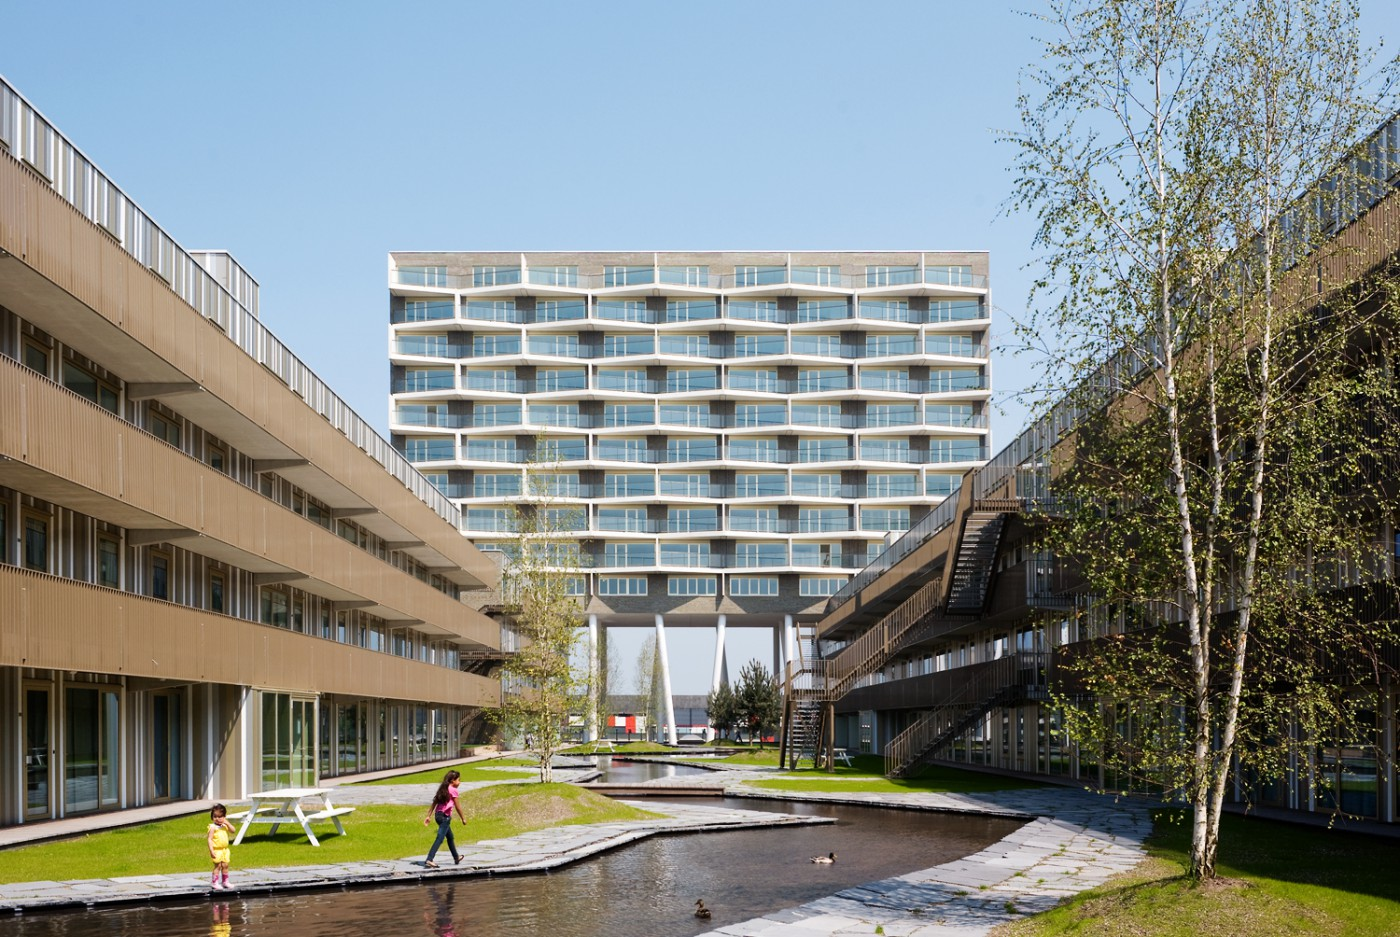 buro-sant-en-co-landschapsarchitectuur-kameleon-amsterdam-daktuin-water